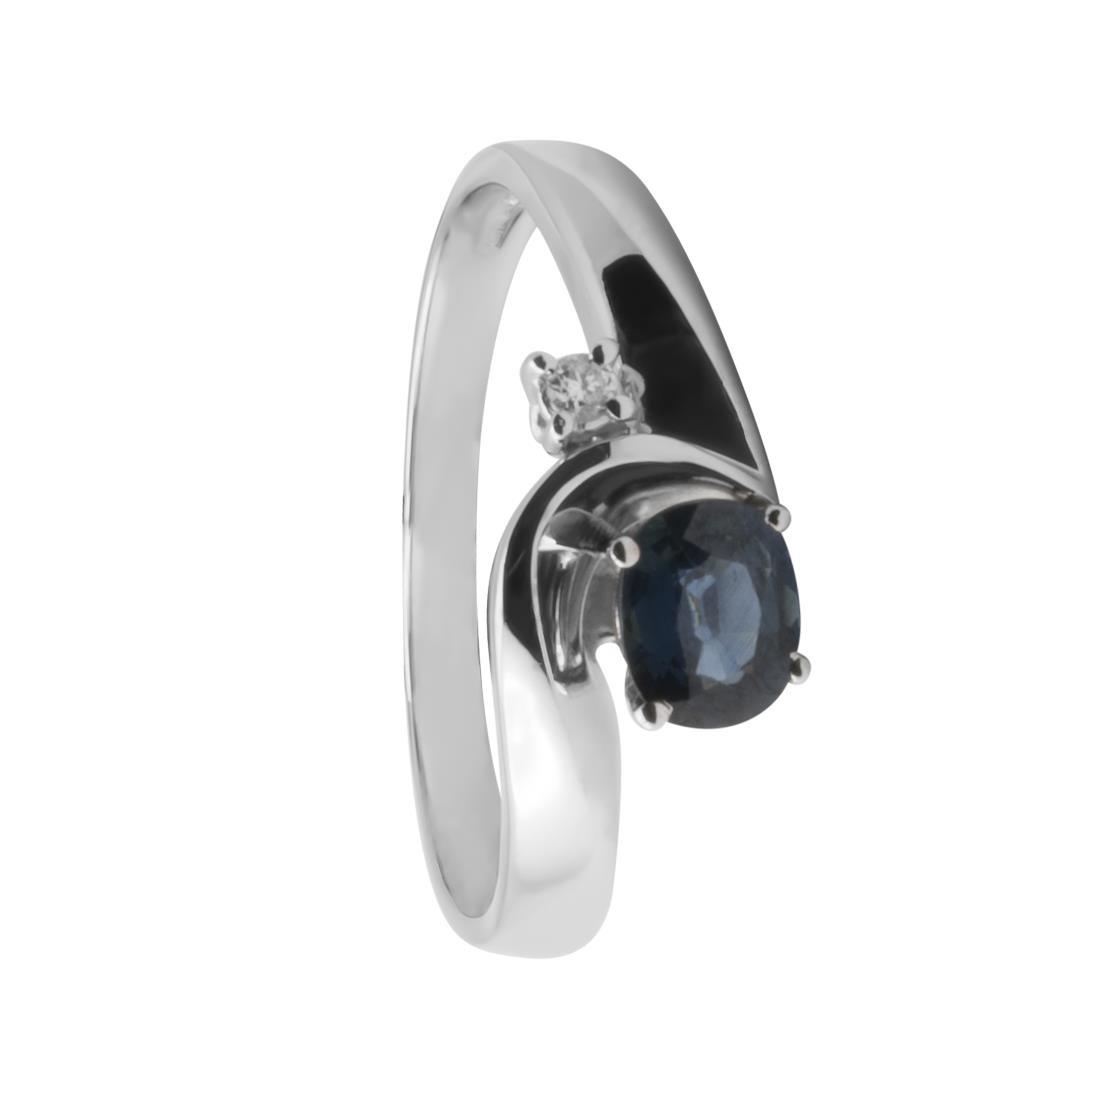 Anello in oro bianco con diamanti ct 0.02 e zaffiro ct 0.60 - ORO&CO